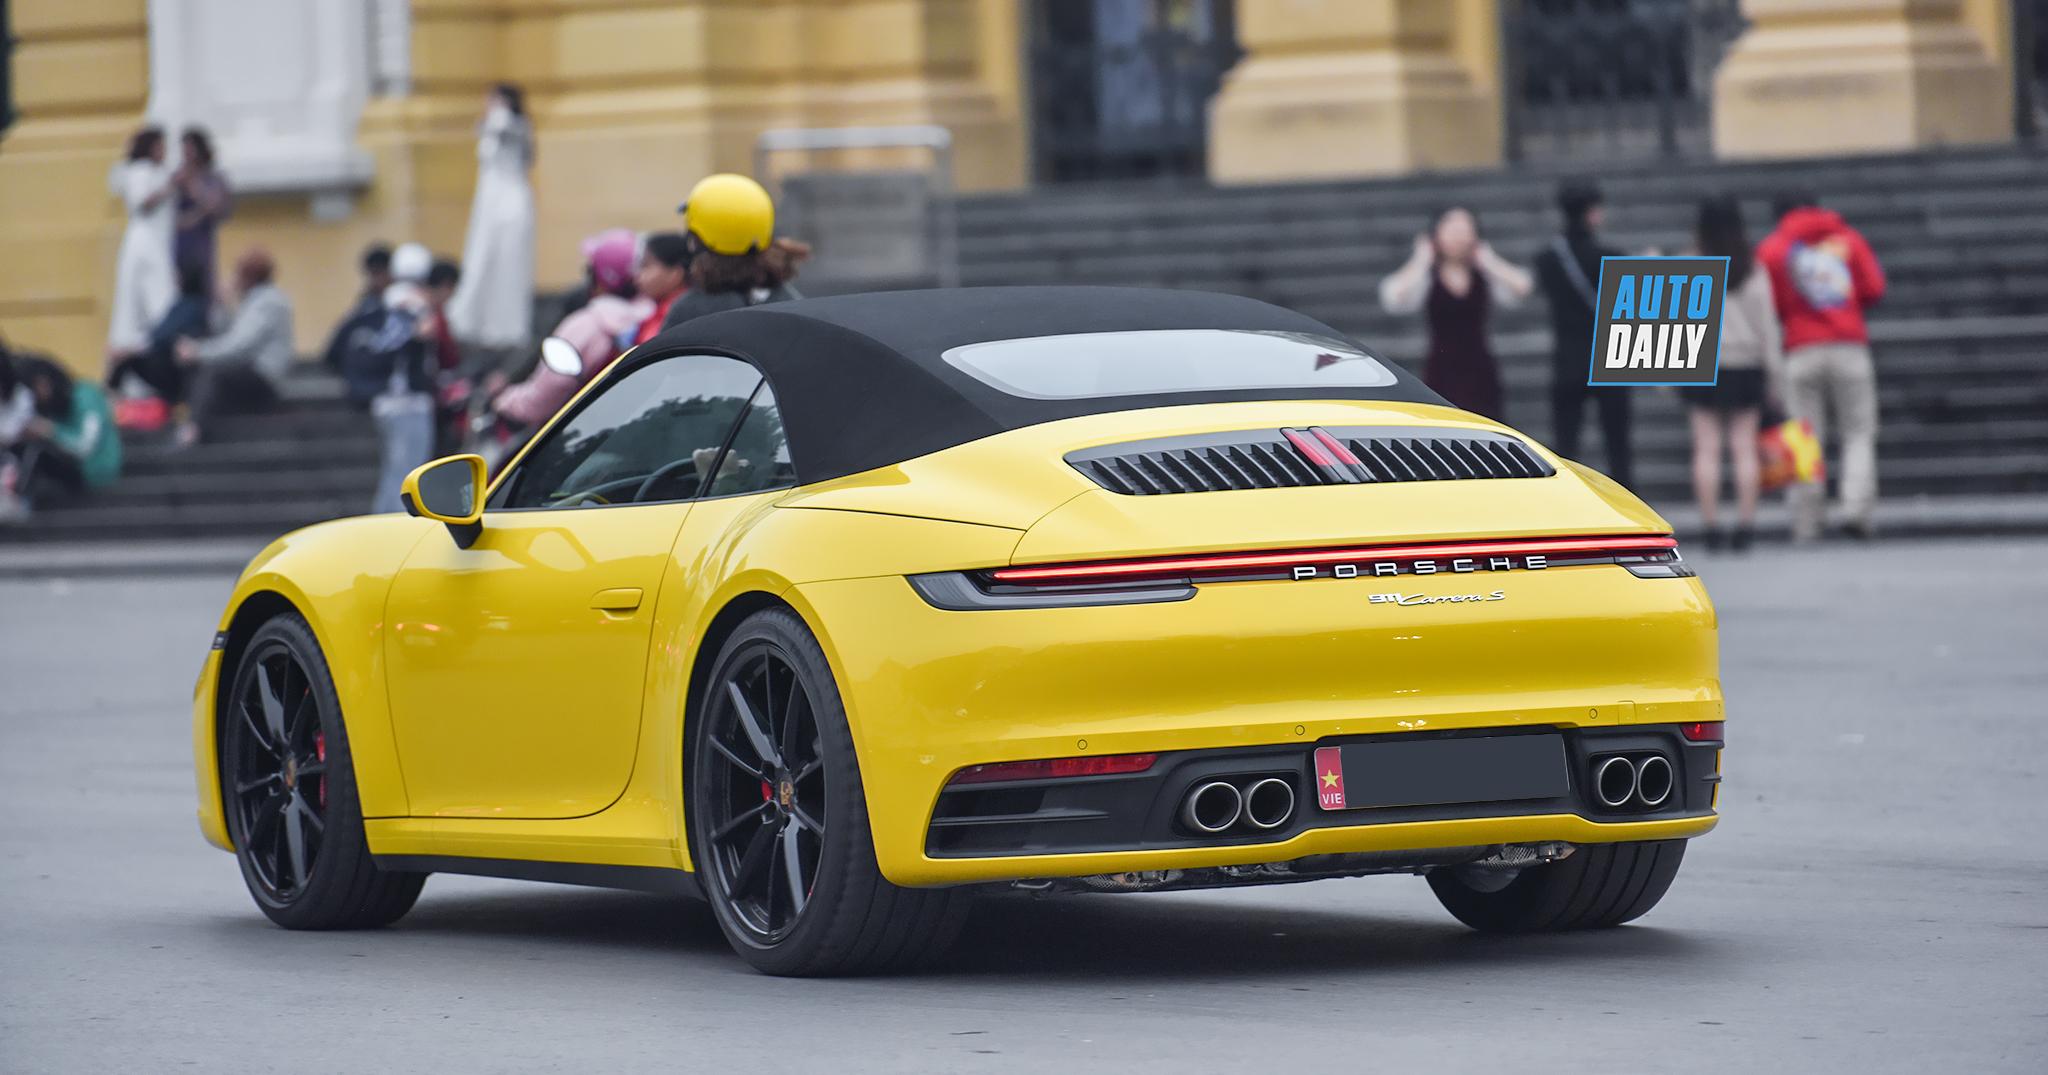 Porsche 911 Carrera S Cabriolet 2020 đầu tiên tại Việt Nam, giá từ 8,5 tỷ